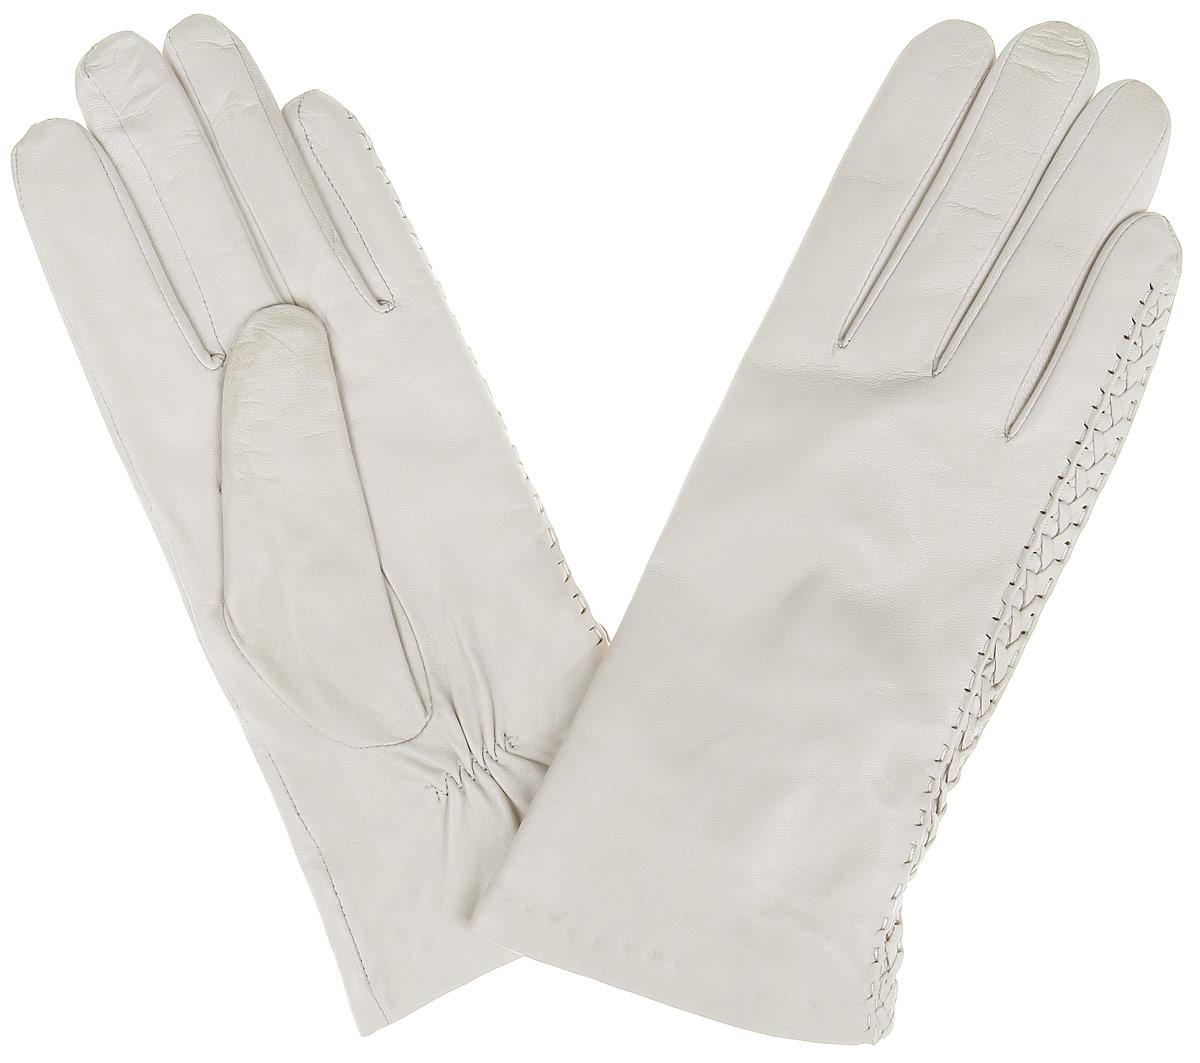 Перчатки2.1-5Элегантные женские перчатки Fabretti станут великолепным дополнением вашего образа и защитят ваши руки от холода и ветра во время прогулок. Перчатки выполнены из эфиопской перчаточной кожи ягненка на подкладке из шерсти с добавлением кашемира, что позволяет им надежно сохранять тепло. Манжеты с тыльной стороны присборены на эластичную резинку. Модель оформлена плетением из кожи. Такие перчатки будут оригинальным завершающим штрихом в создании современного модного образа, они подчеркнут ваш изысканный вкус и станут незаменимым и практичным аксессуаром.